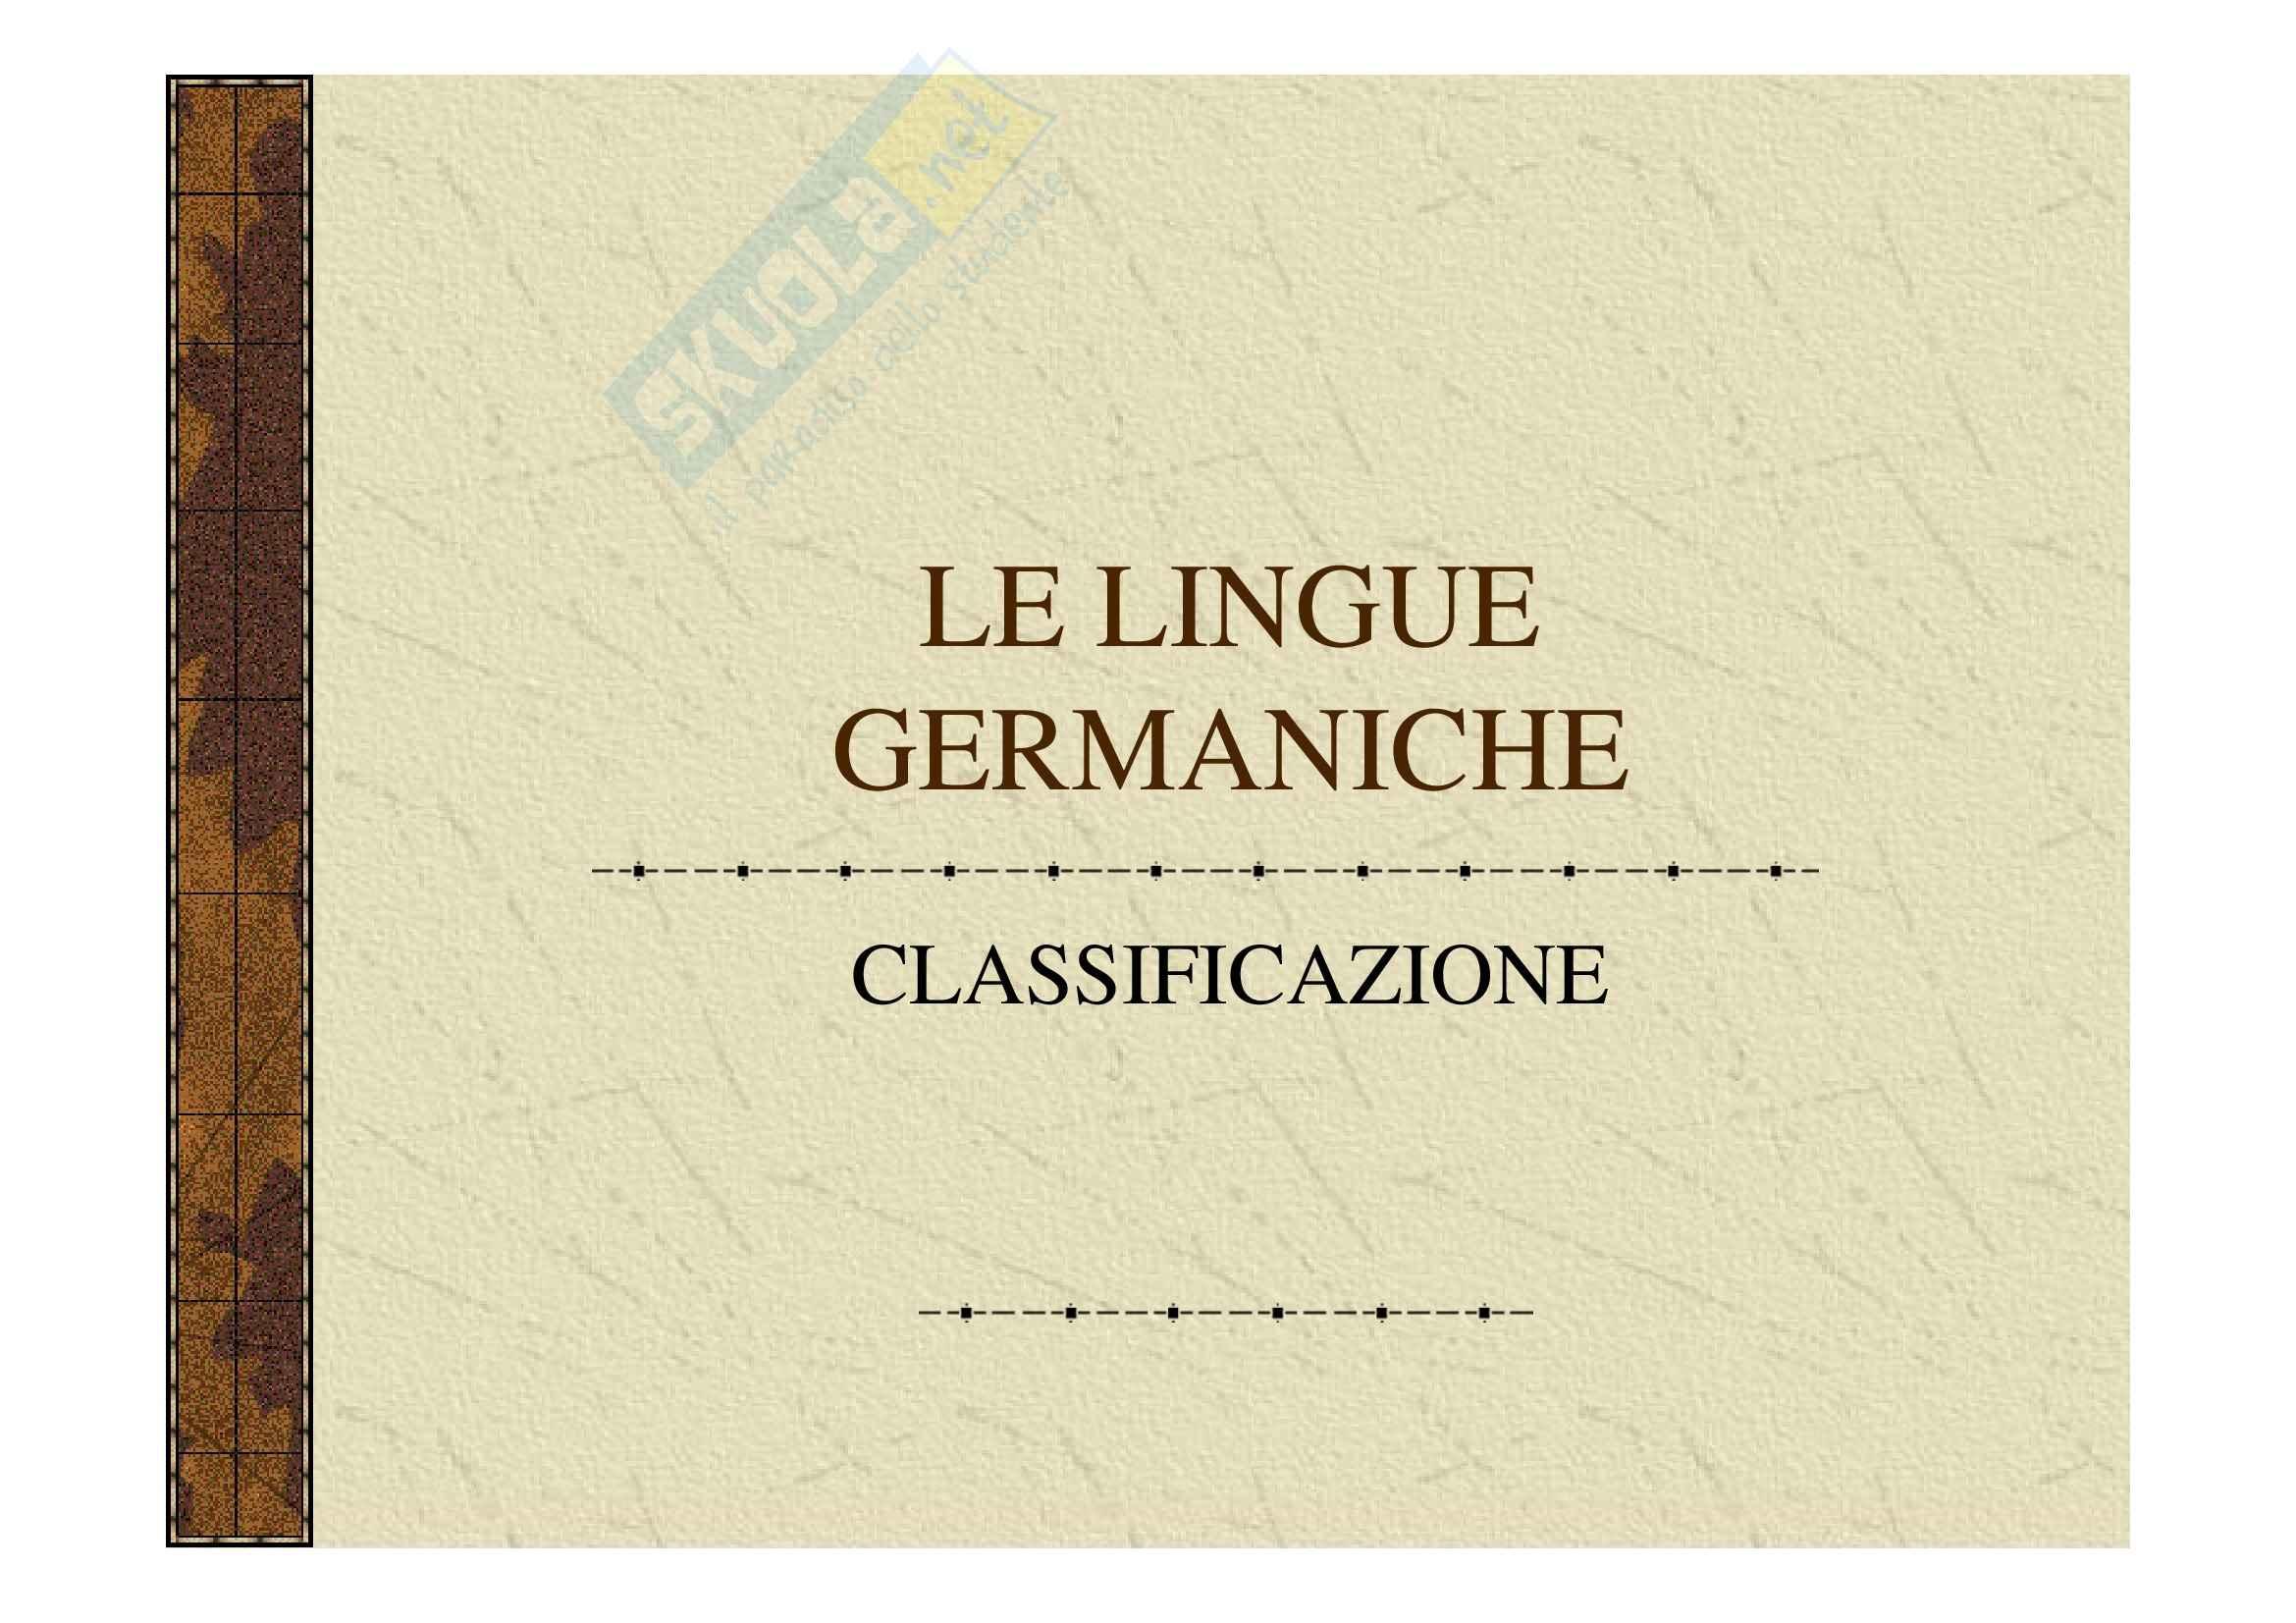 Linguistica germanica - lingue